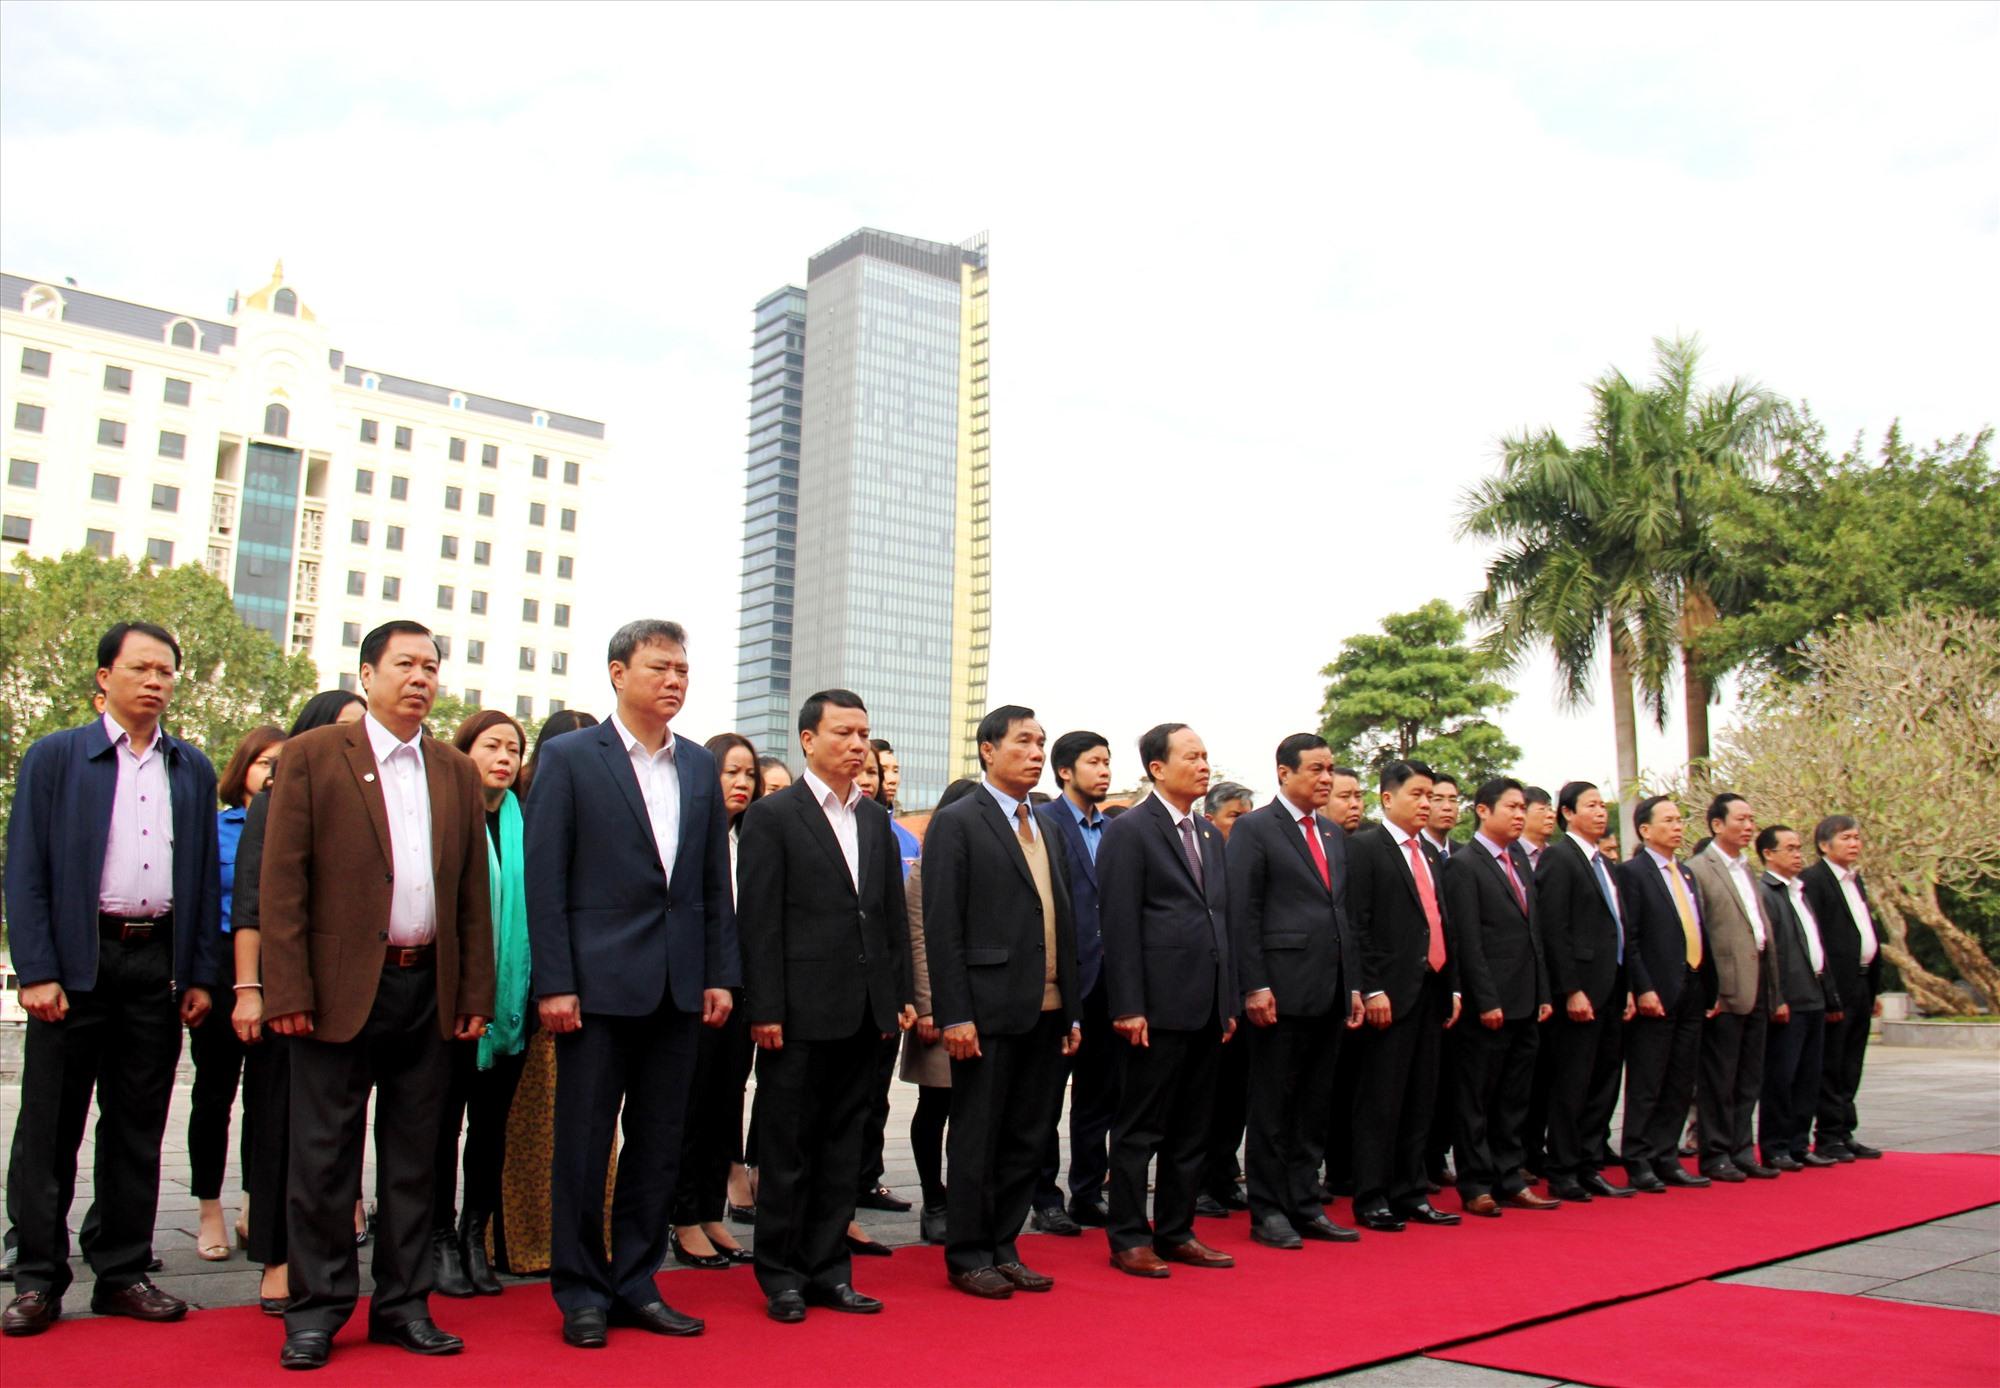 Lãnh đạo hai tỉnh Quảng Nam - Thanh Hóa đến viếng và đặt vòng hoa tại Khu văn hóa tưởng niệm Chủ tịch Hồ Chí Minh. Ảnh: A.N